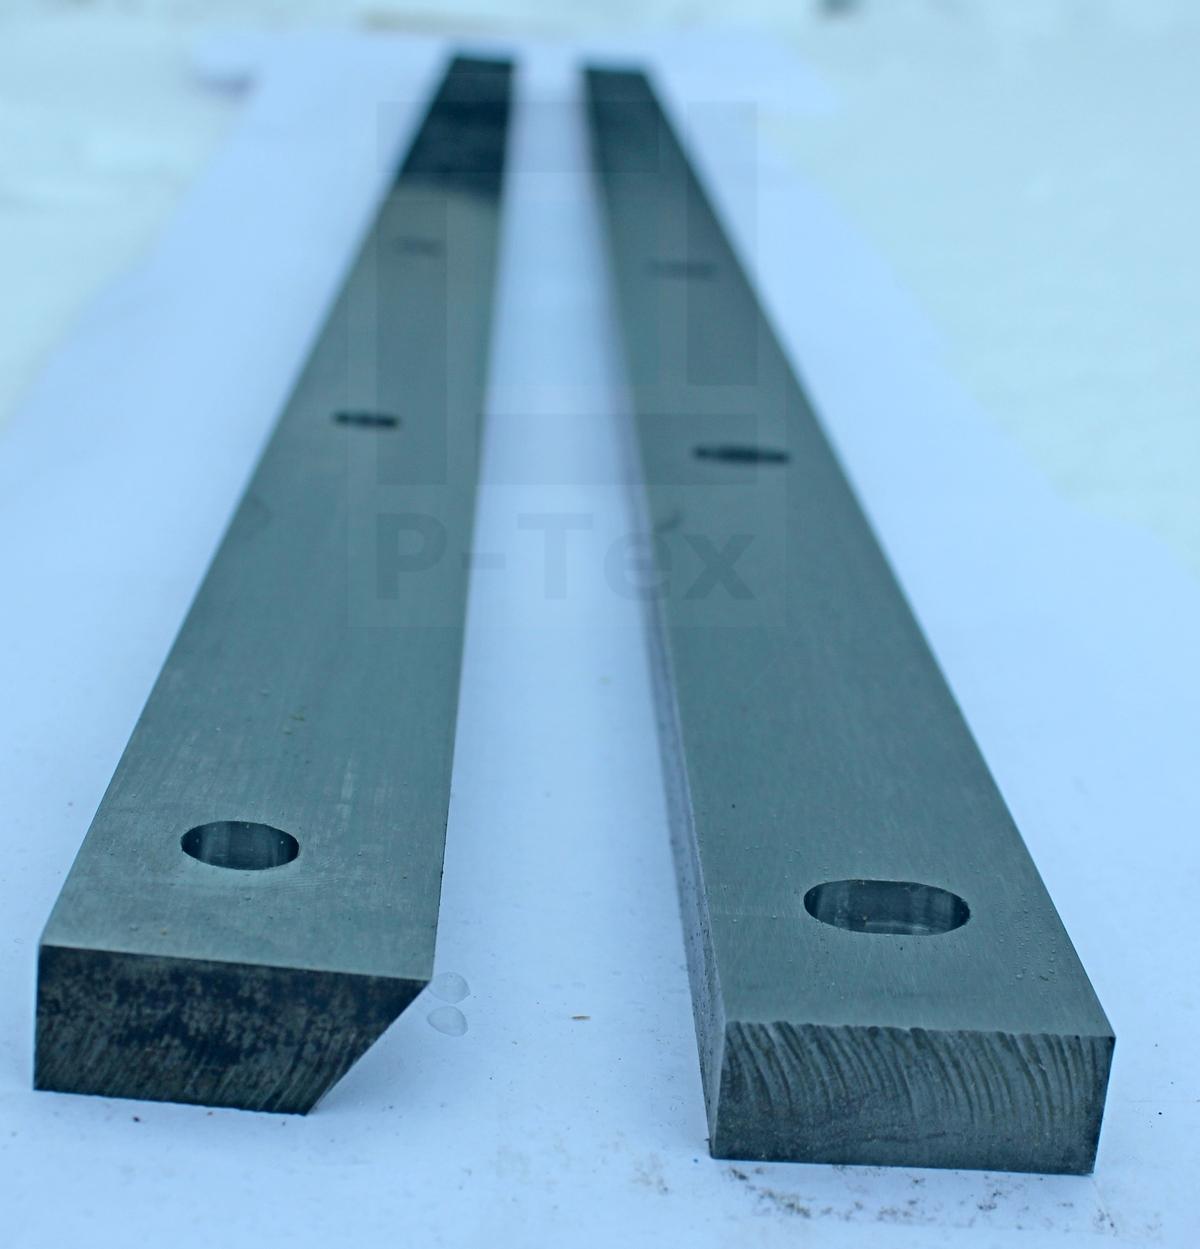 Ножи для шредера для переработки шин 950-35-15 из стали Хардокс 600 (Hardox)